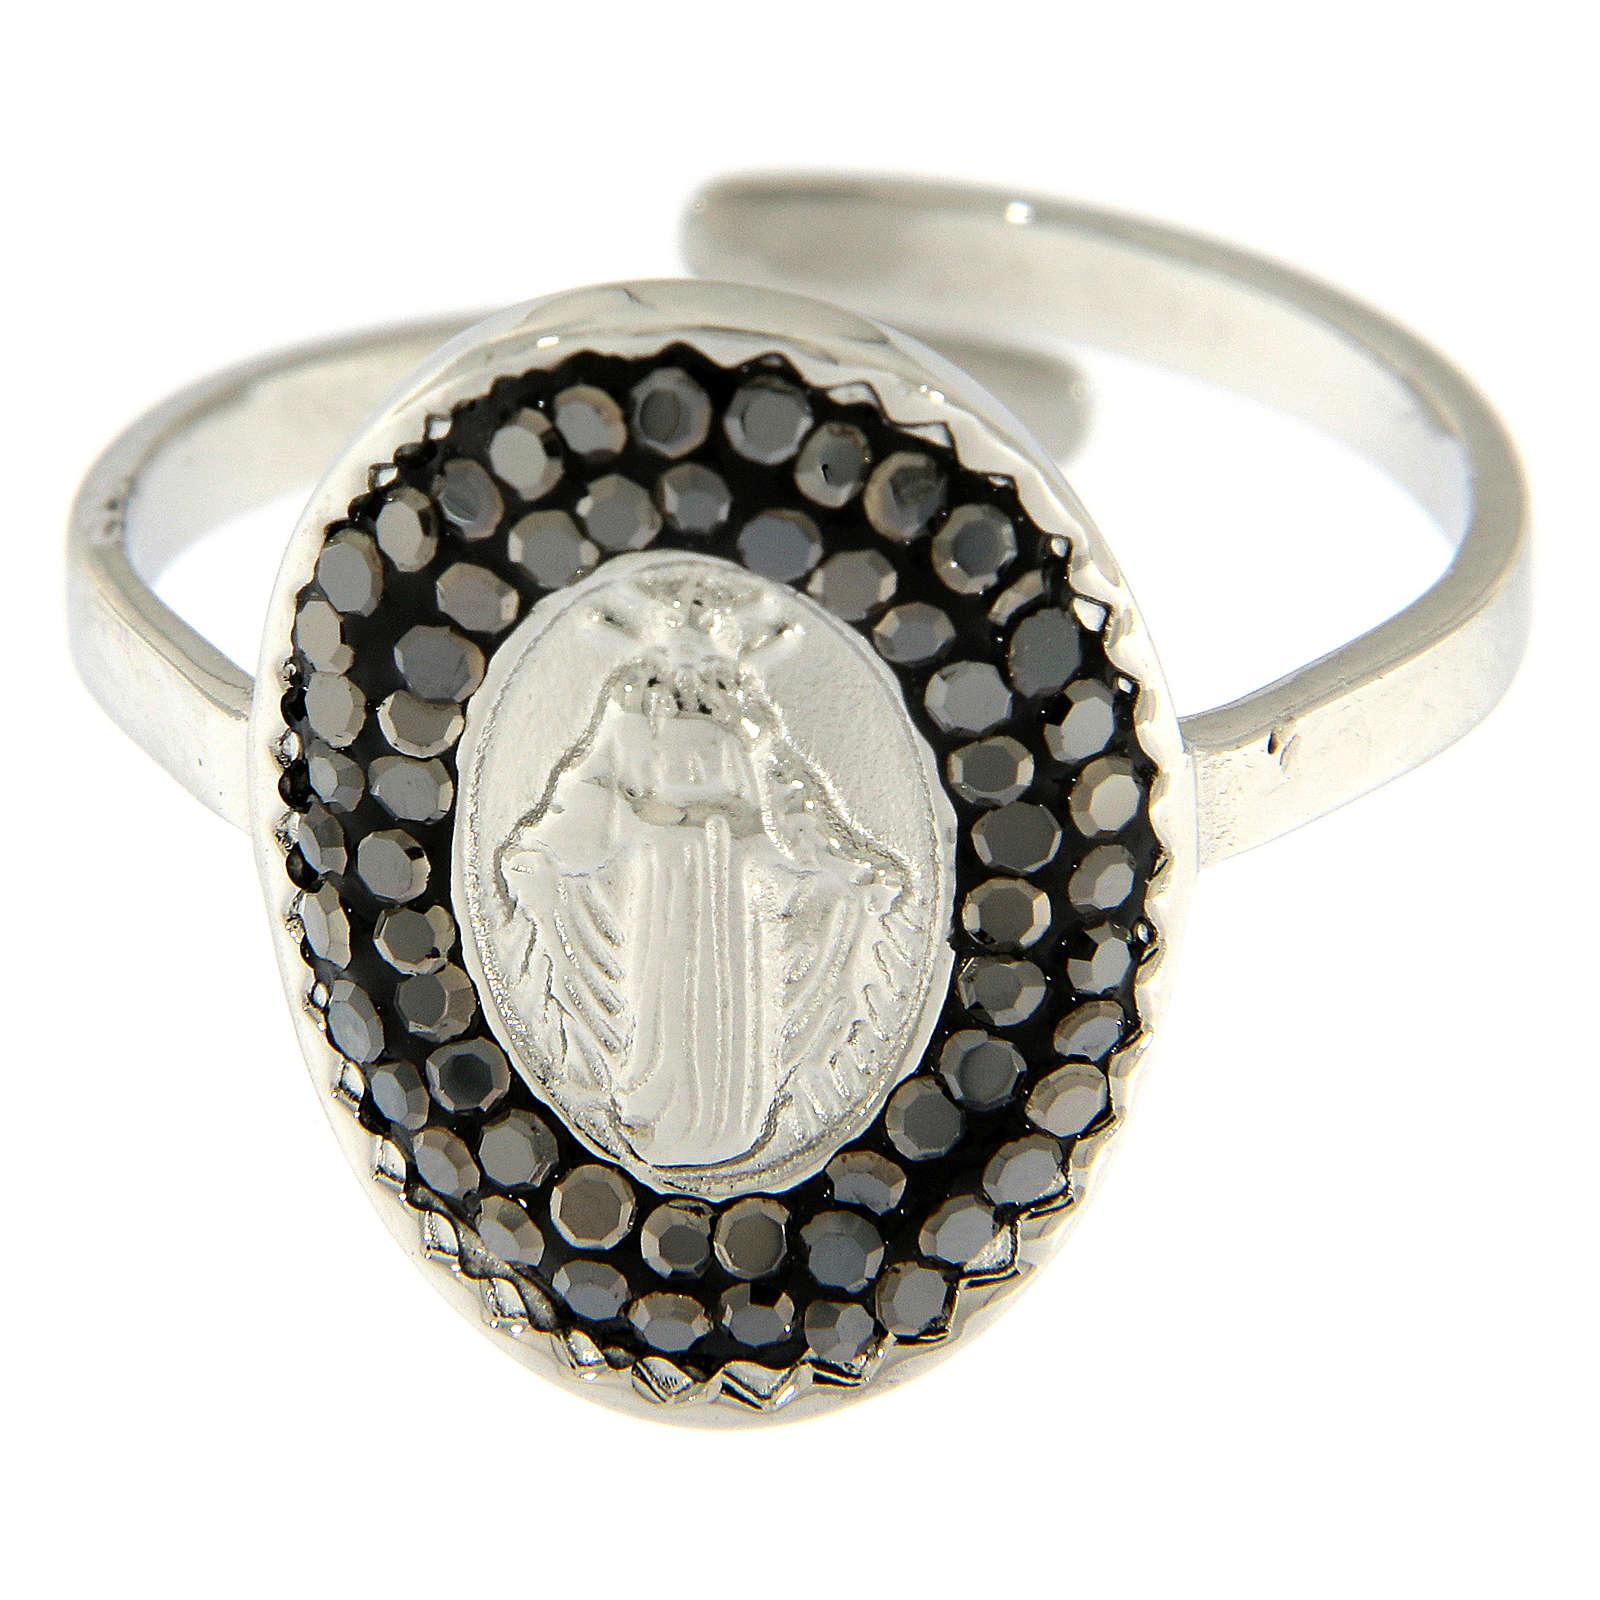 Bague acier argenté Notre-Dame Medjugorje cristaux noirs 4